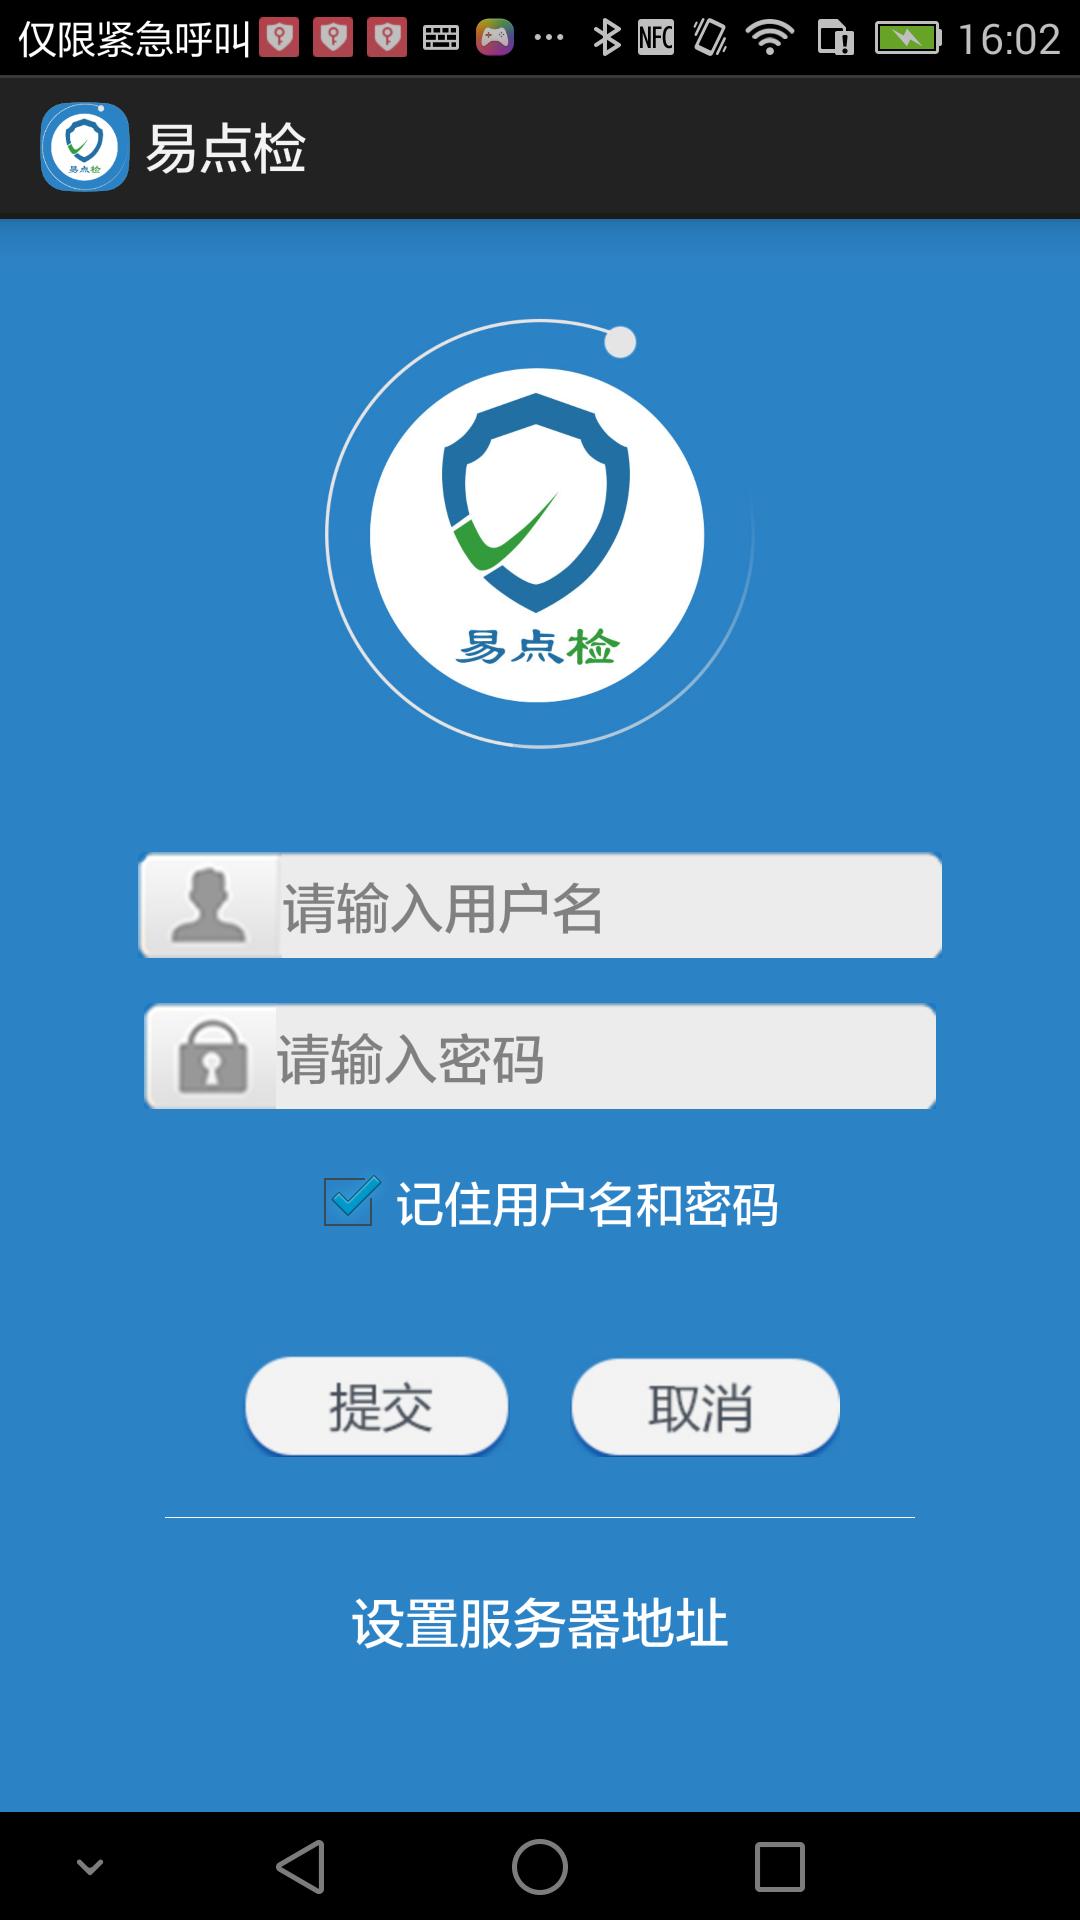 易点检官网版app下载图1: